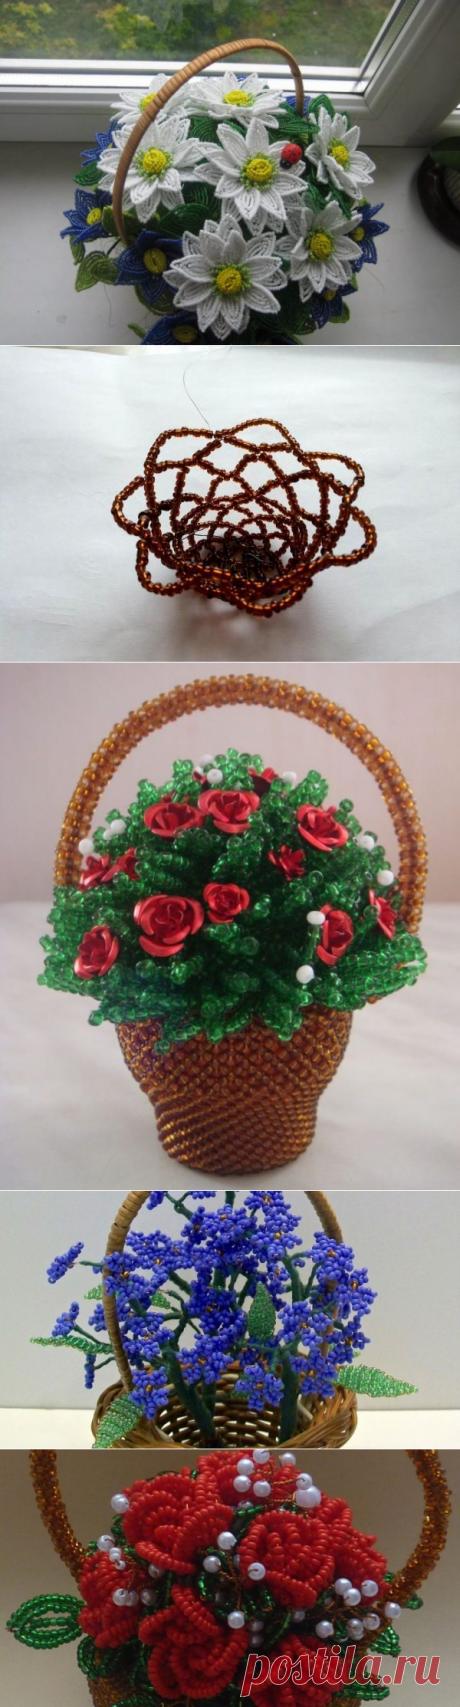 Мастер-класс ❀ как спелсти цветы из бисера в корзинке | Domigolki.ru